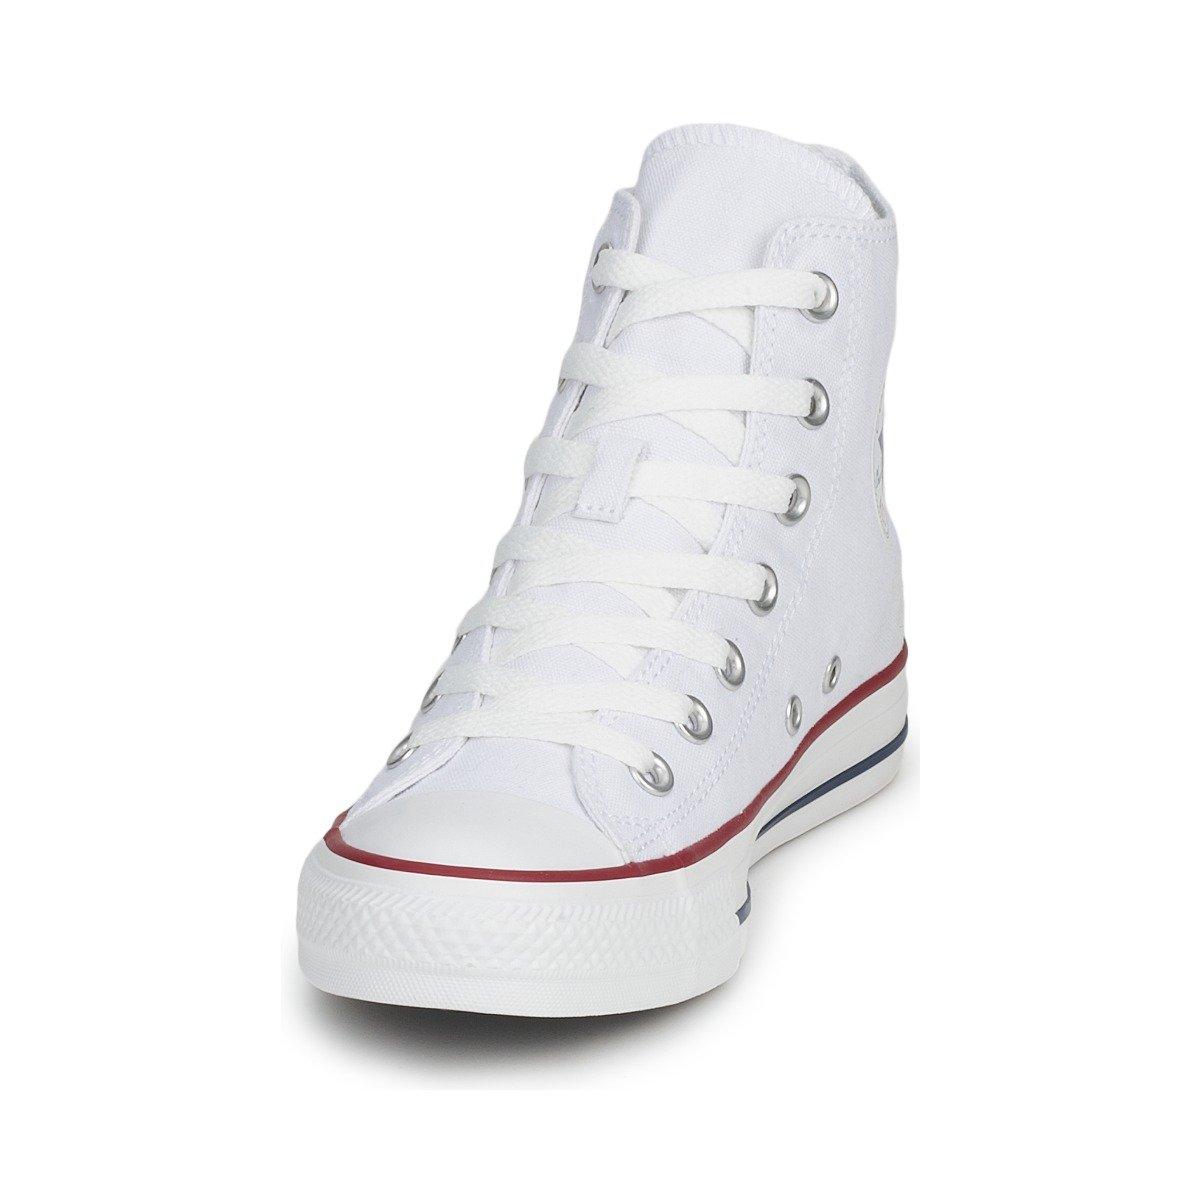 Converse Chuck Taylor All Star Core Hi B01M9D2O1G 5 M US|Optical White High Top